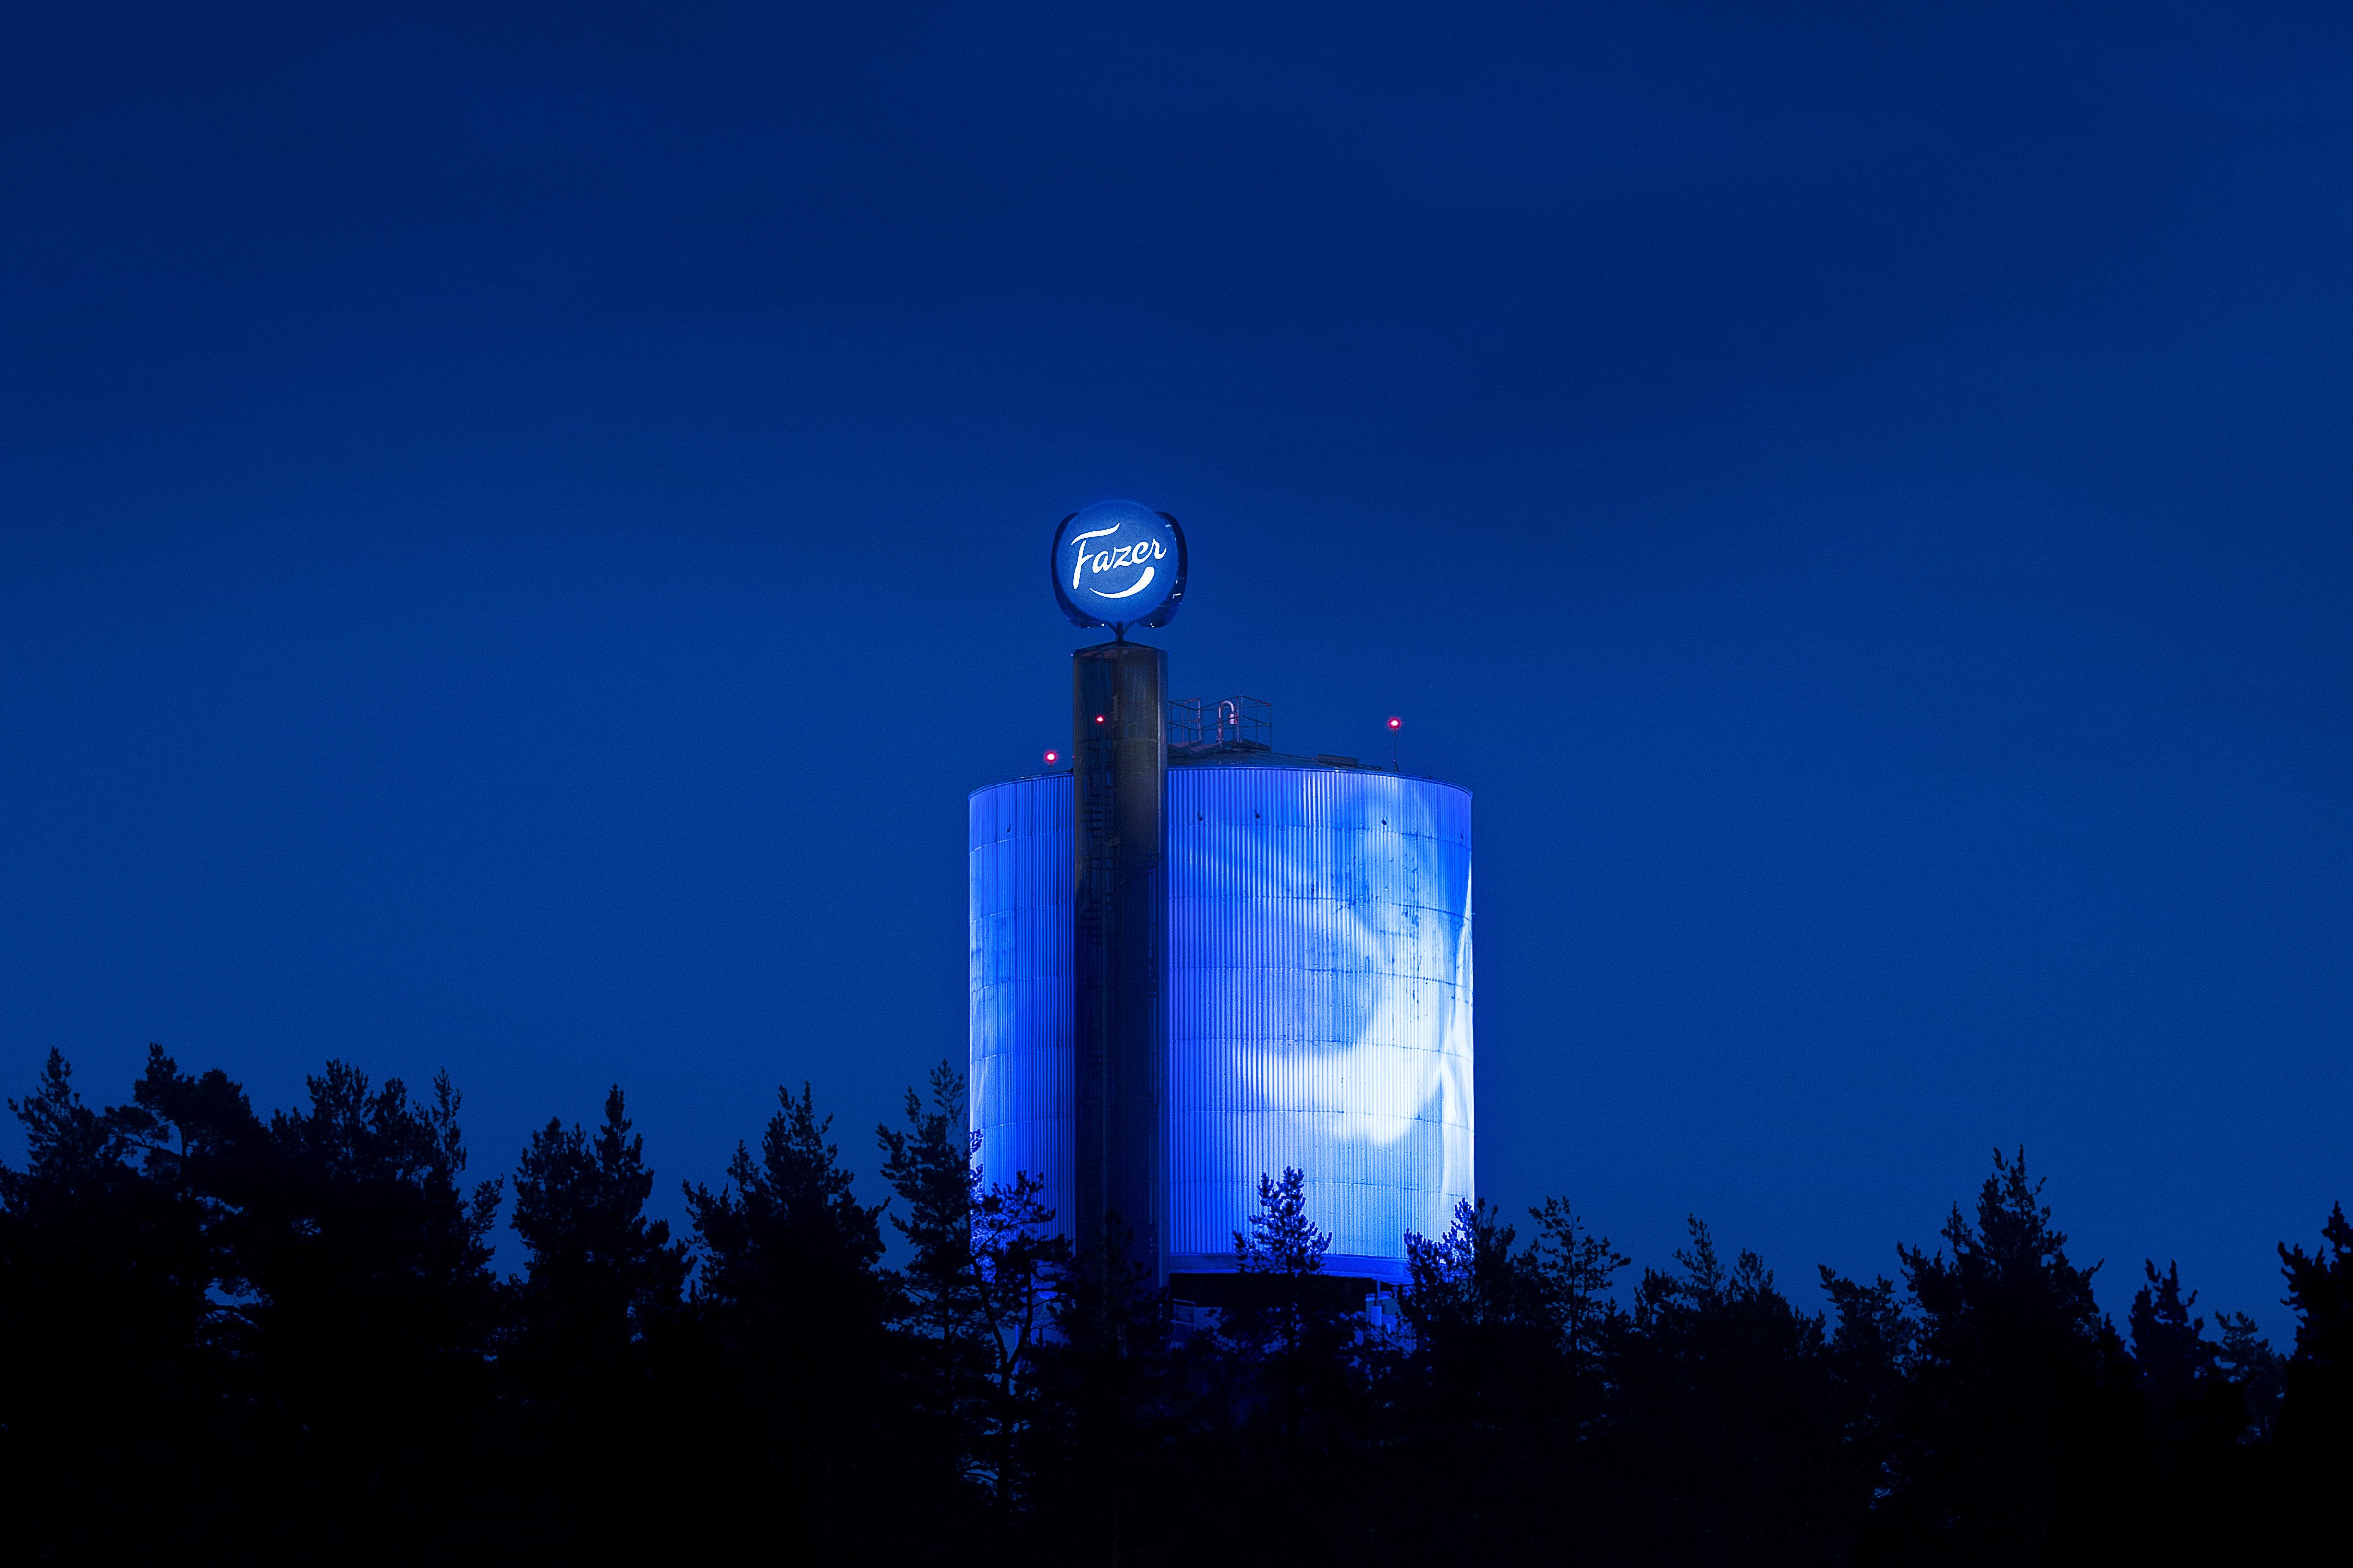 Grano teki valtavan valomainoksen vesitornin huipulle